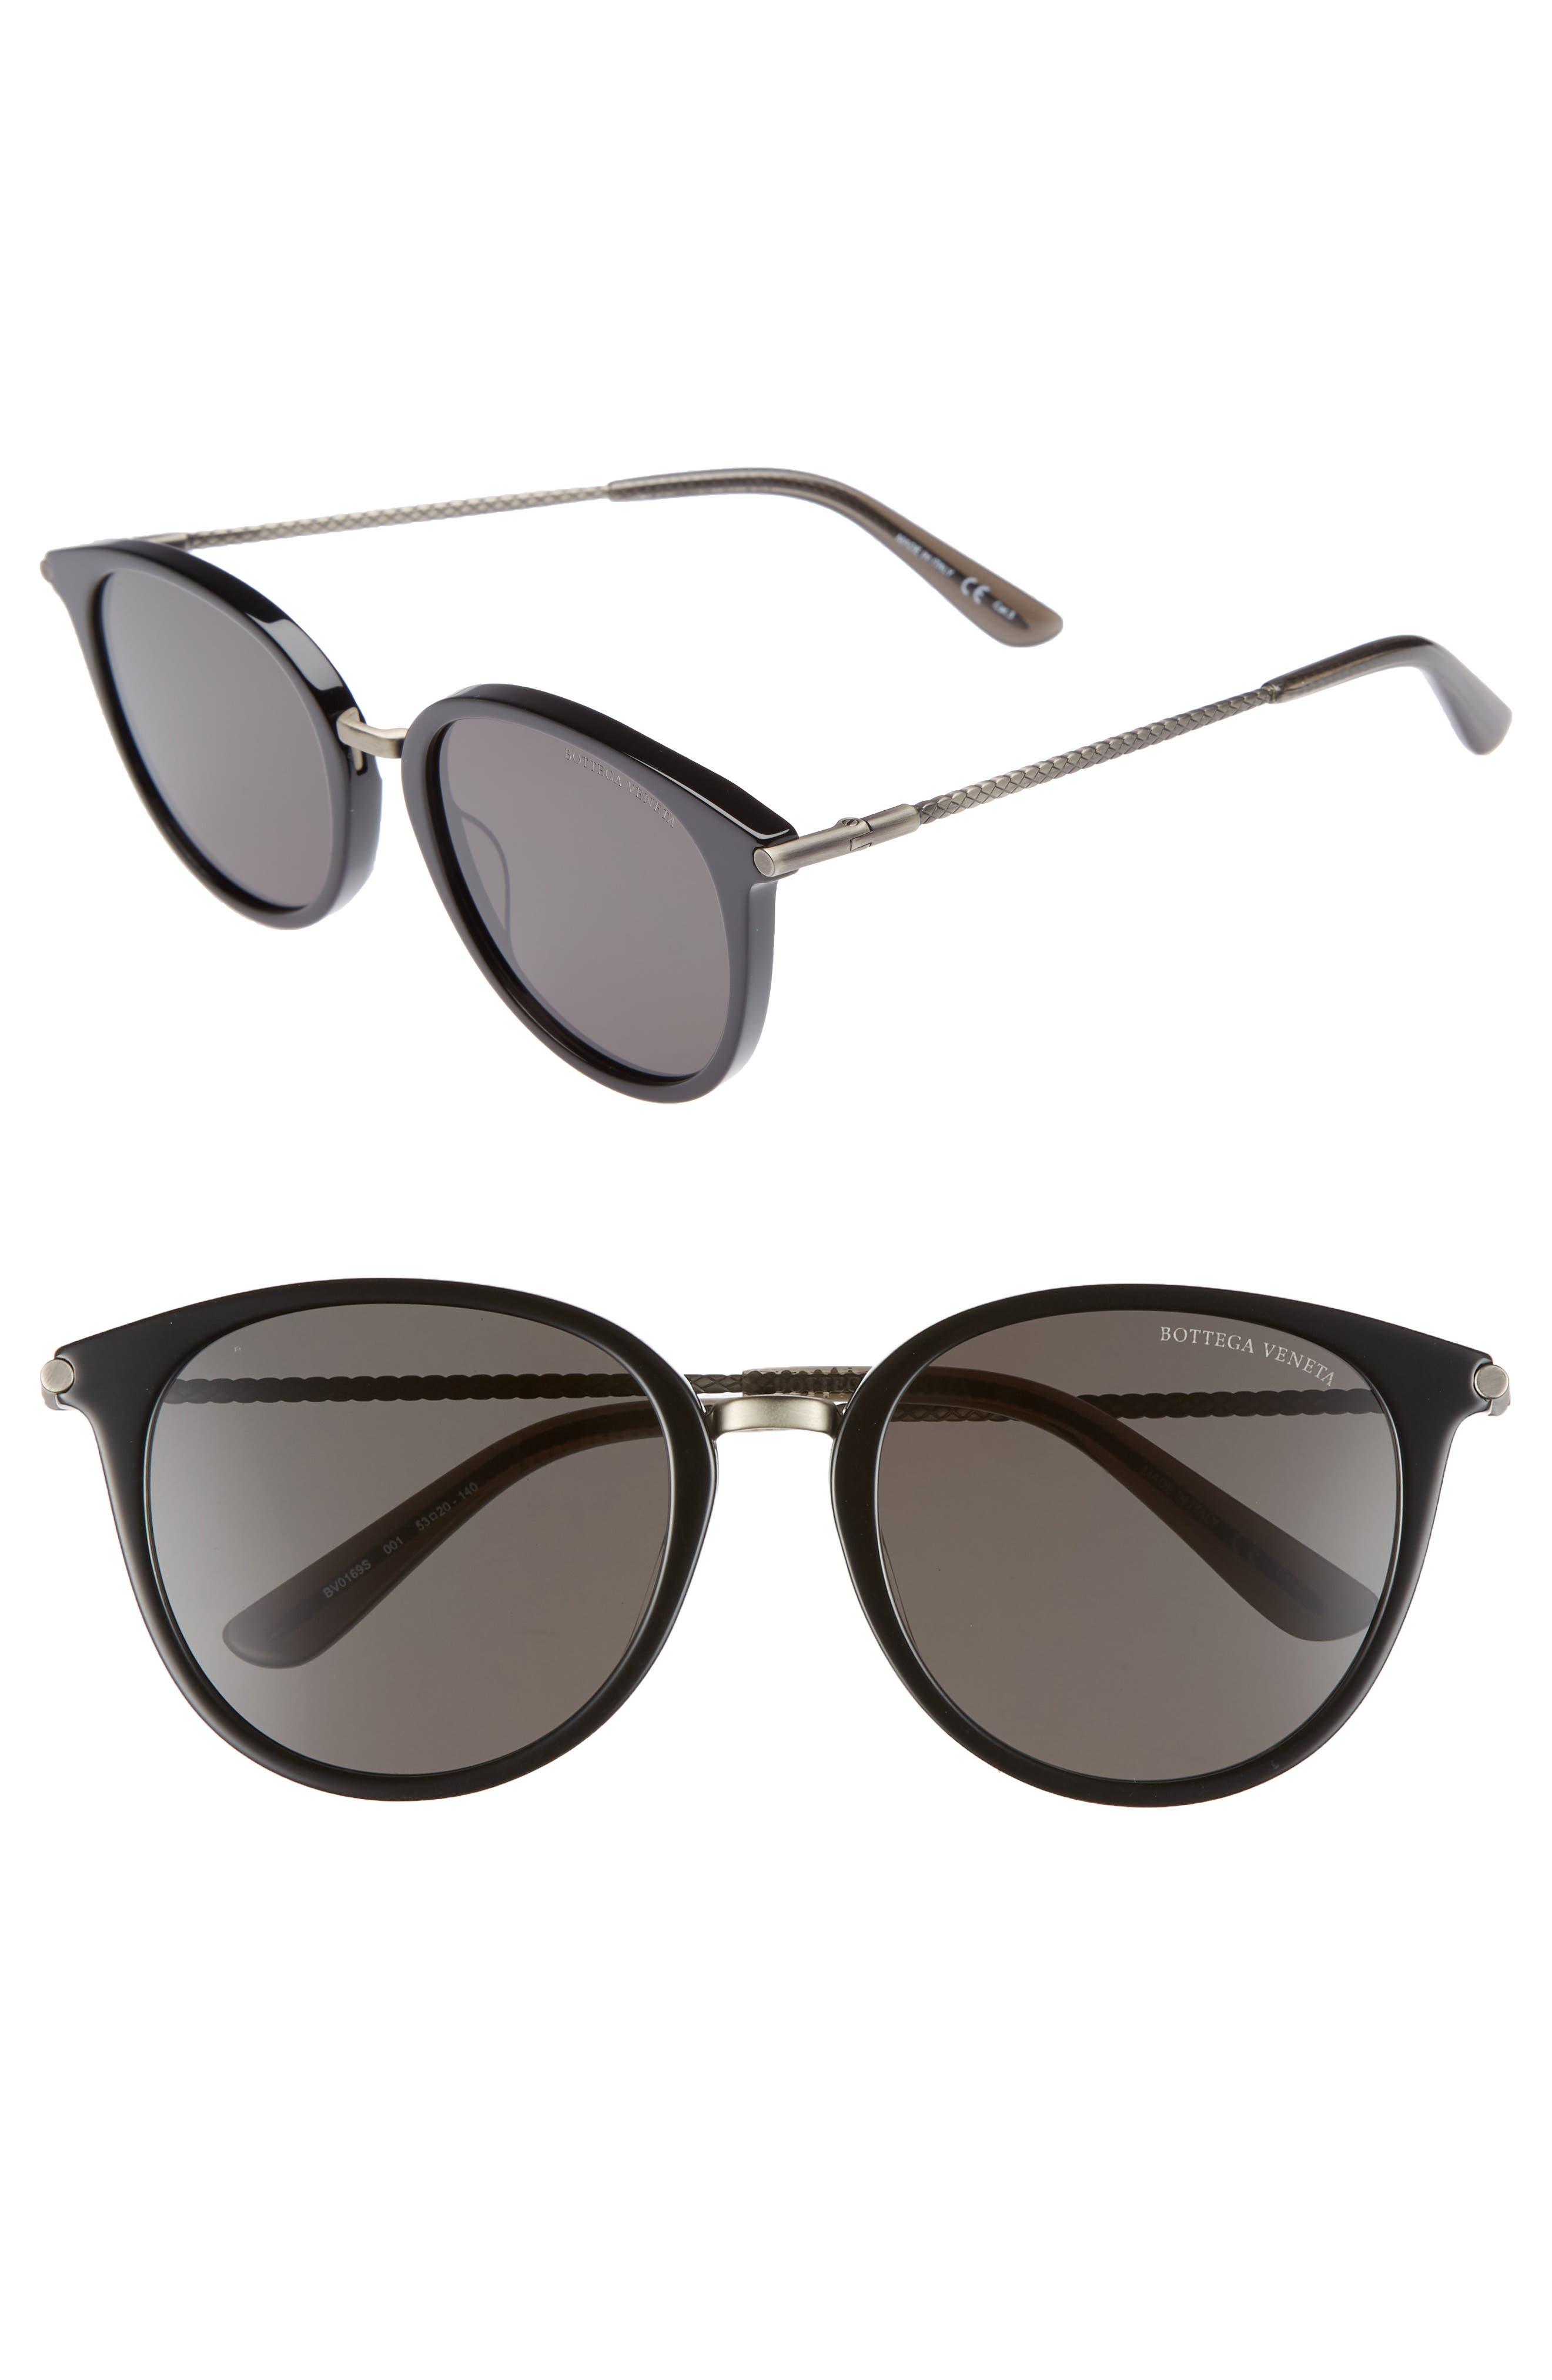 53mm Sunglasses,                             Main thumbnail 1, color,                             GREY/ SILVER